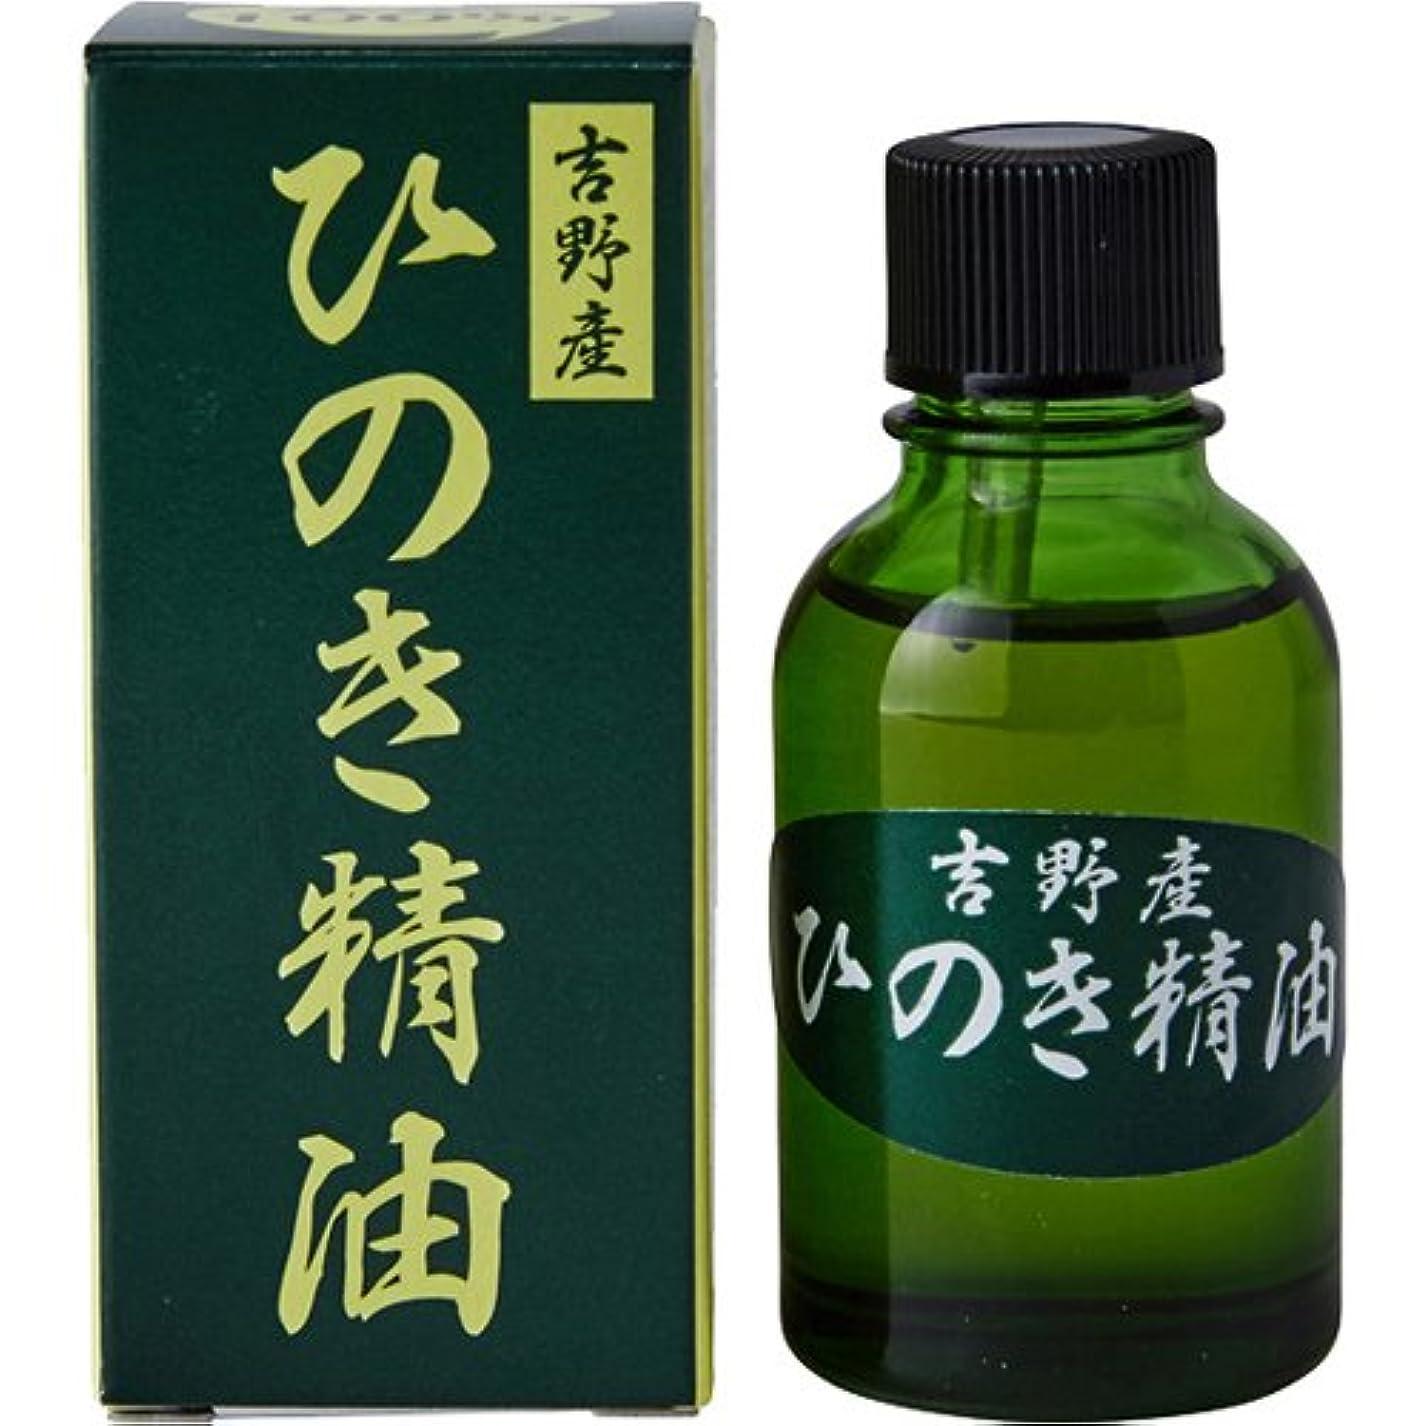 規則性シャット面白い喜多製材所 吉野ひのき精油(エッセンシャルオイル) 20ml